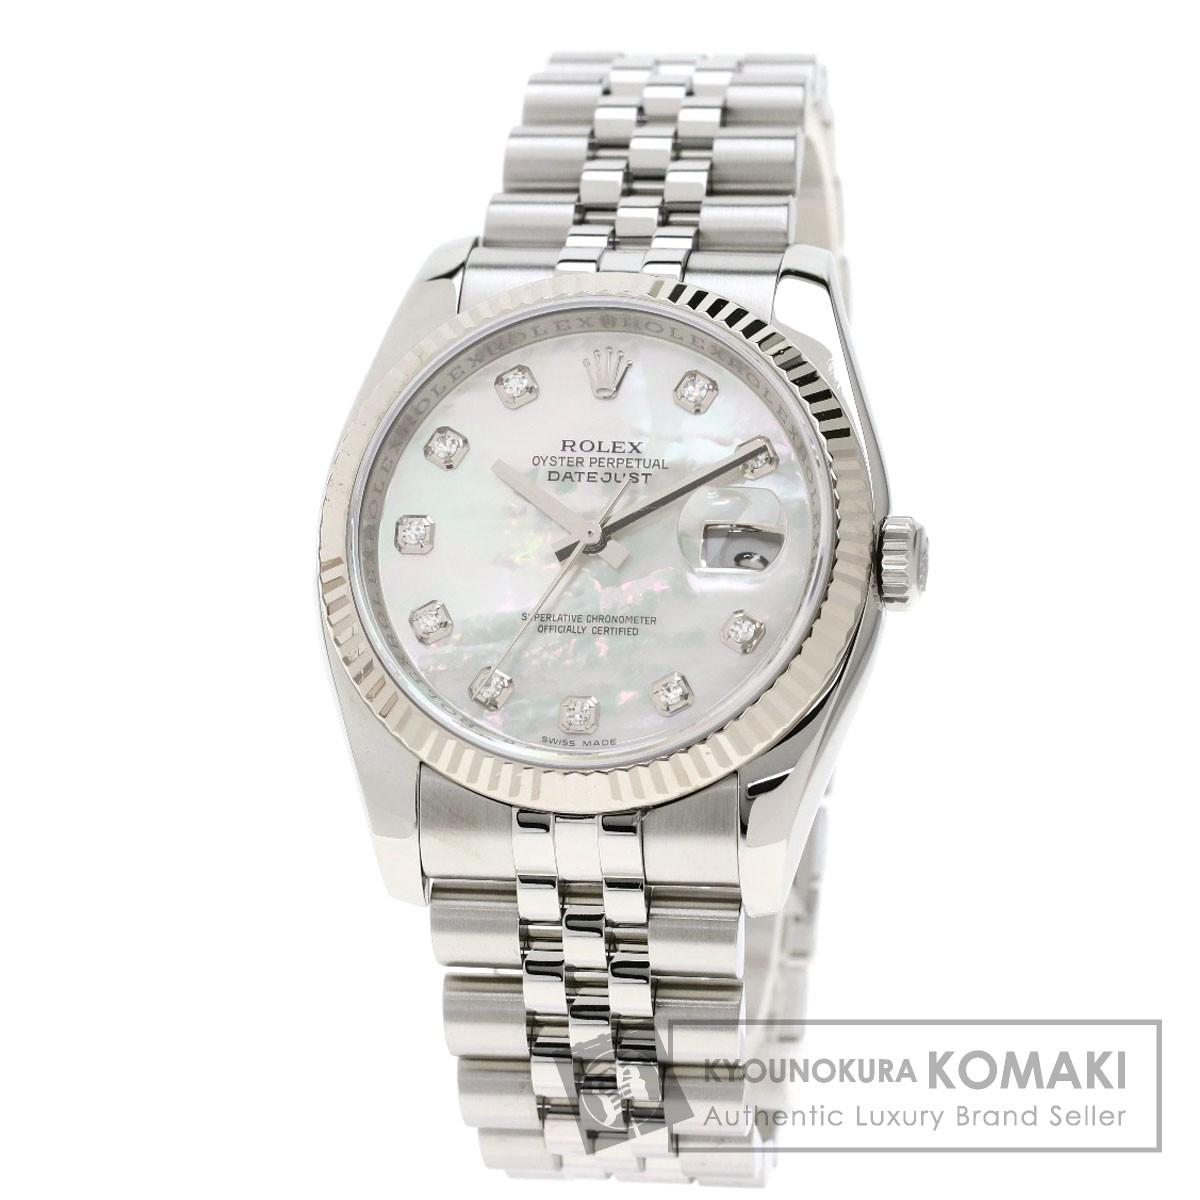 ロレックス 116234NG デイトジャスト 10Pダイヤモンド 腕時計 ステンレススチール/SS/K18WG メンズ 【中古】【ROLEX】